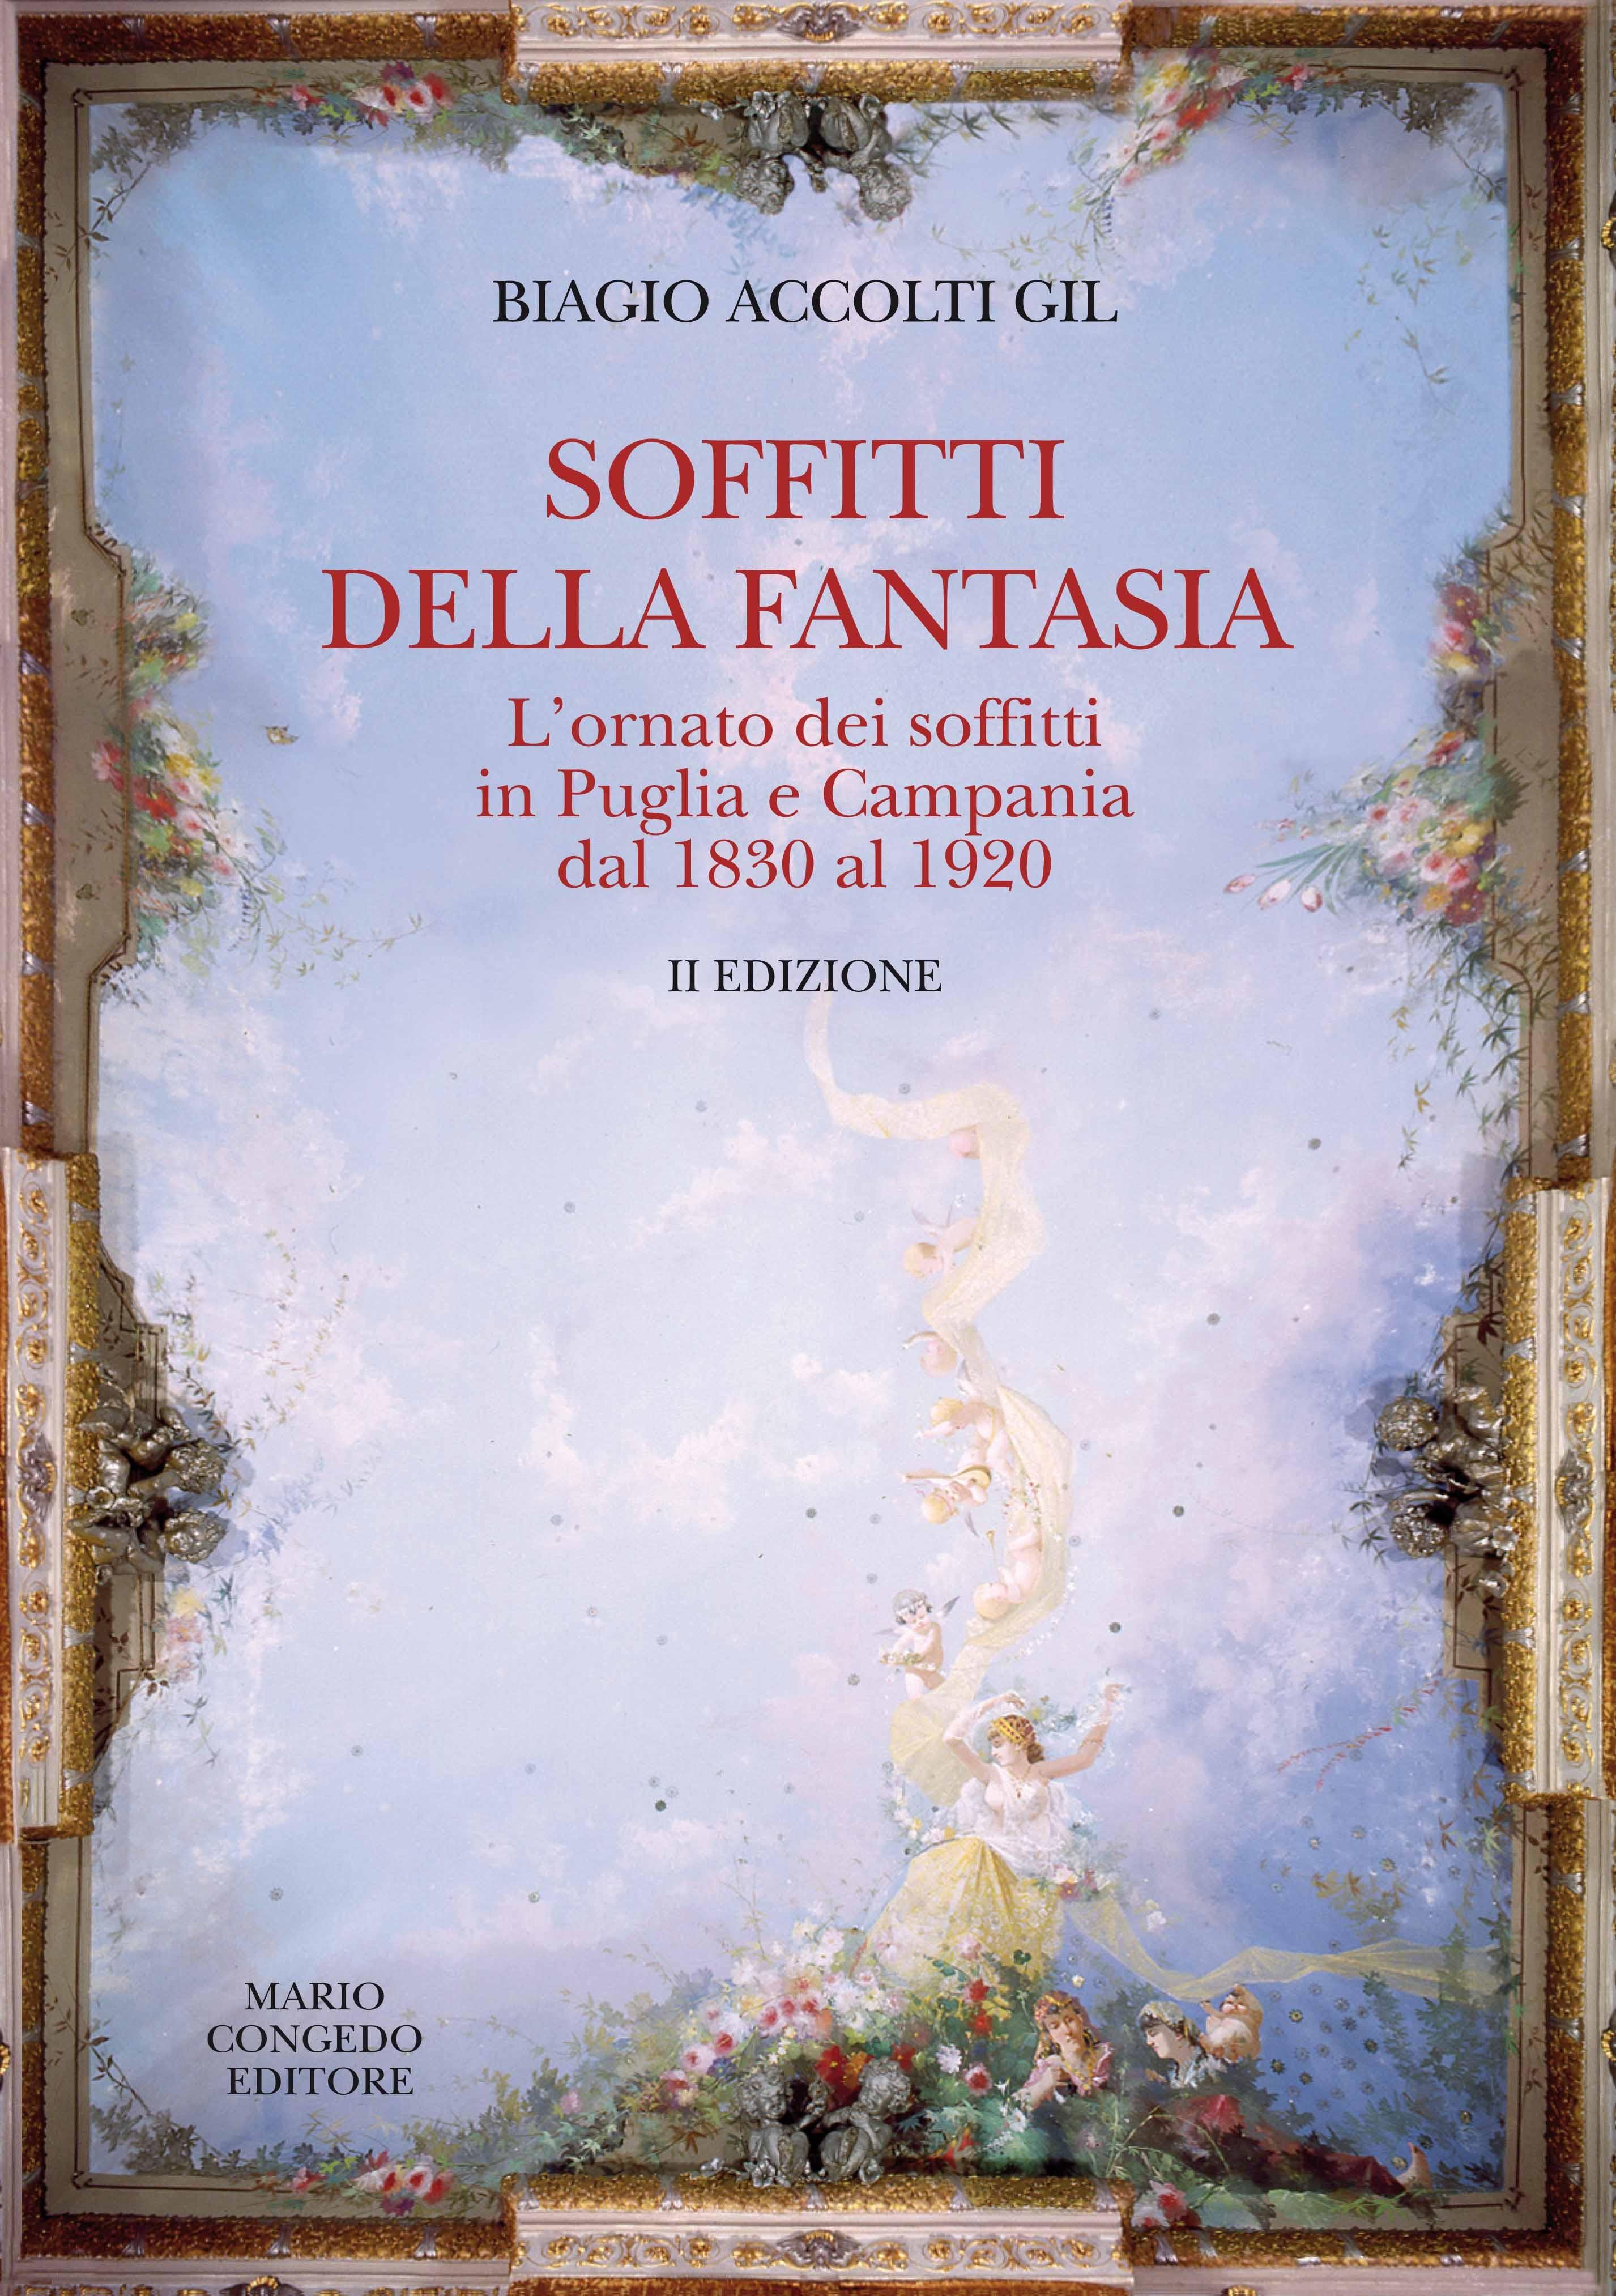 Soffitti della Fantasia. L'ornato dei soffitti in Puglia e Campania dal 1830 al 1920